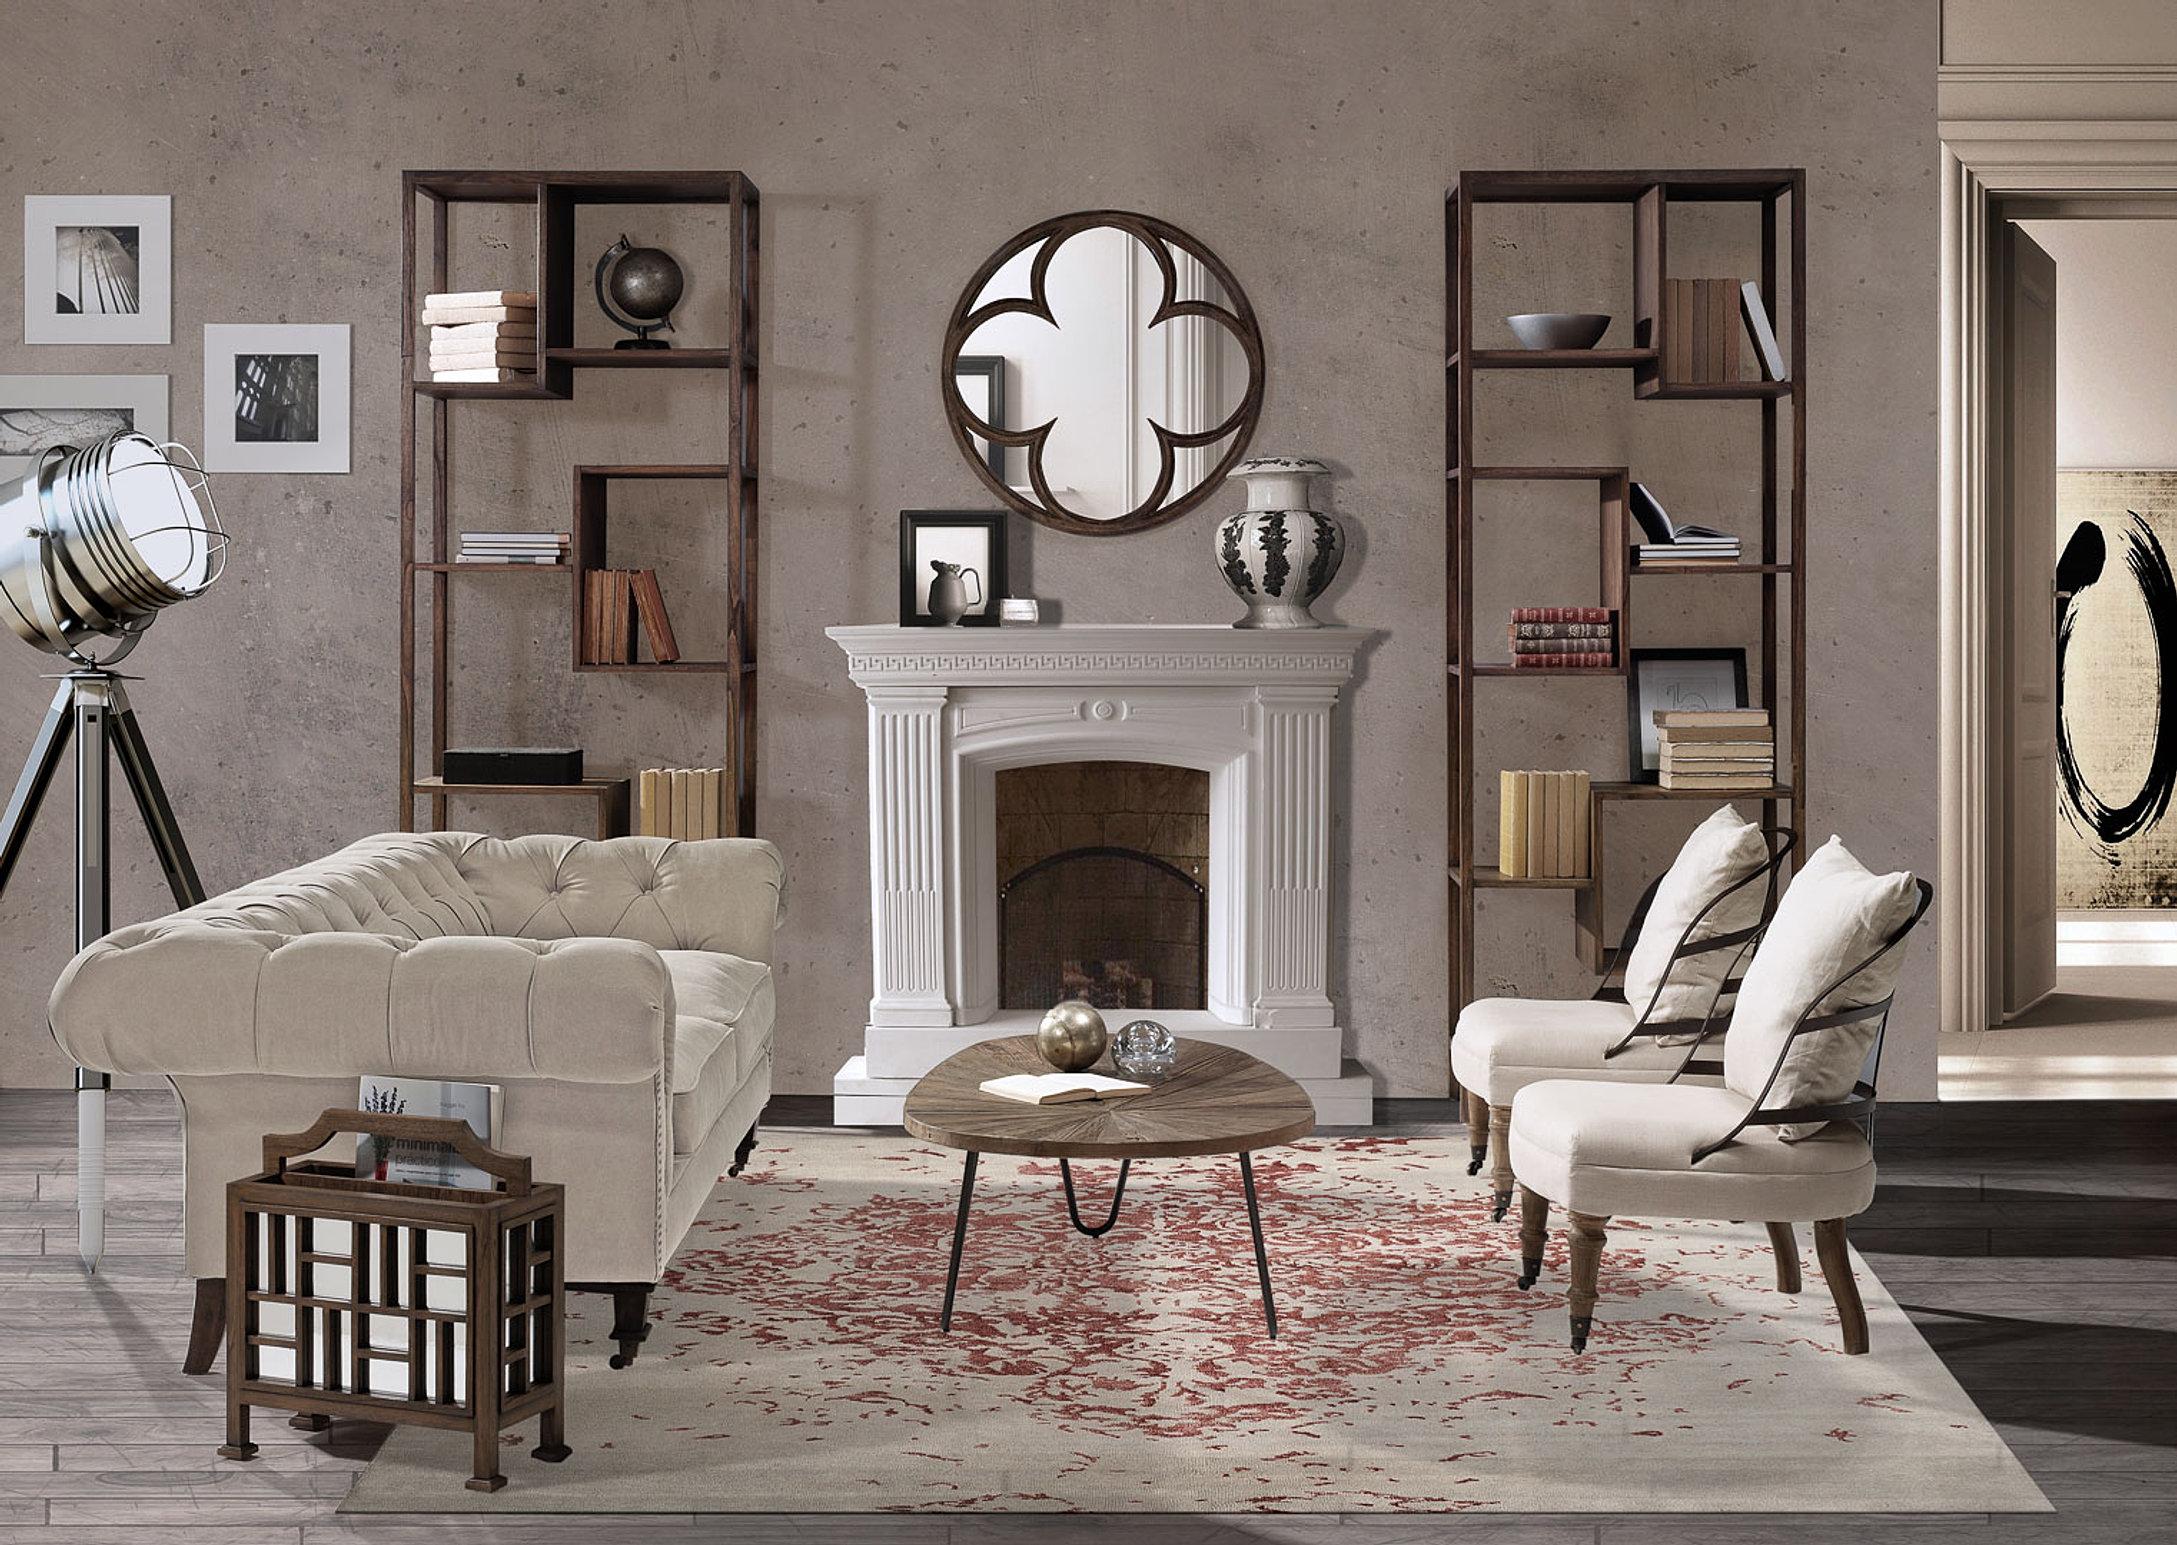 Muebles vintage industrial romantico - Muebles estilo romantico ...